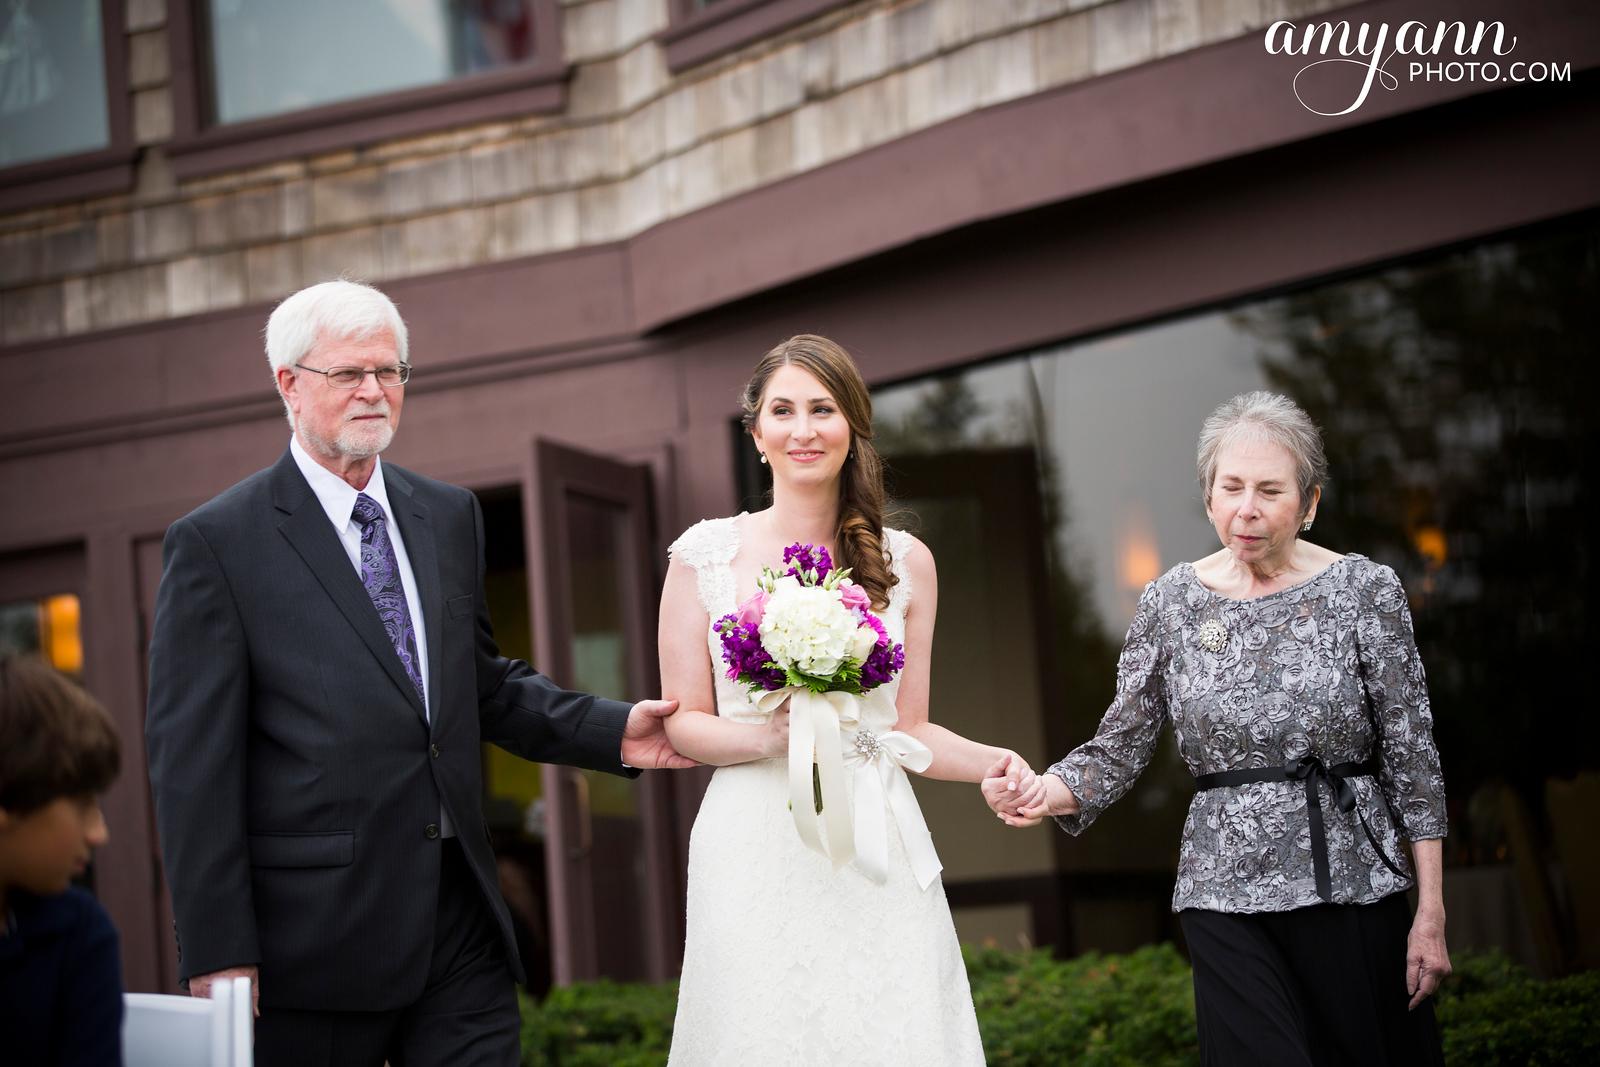 liznick_wedding29